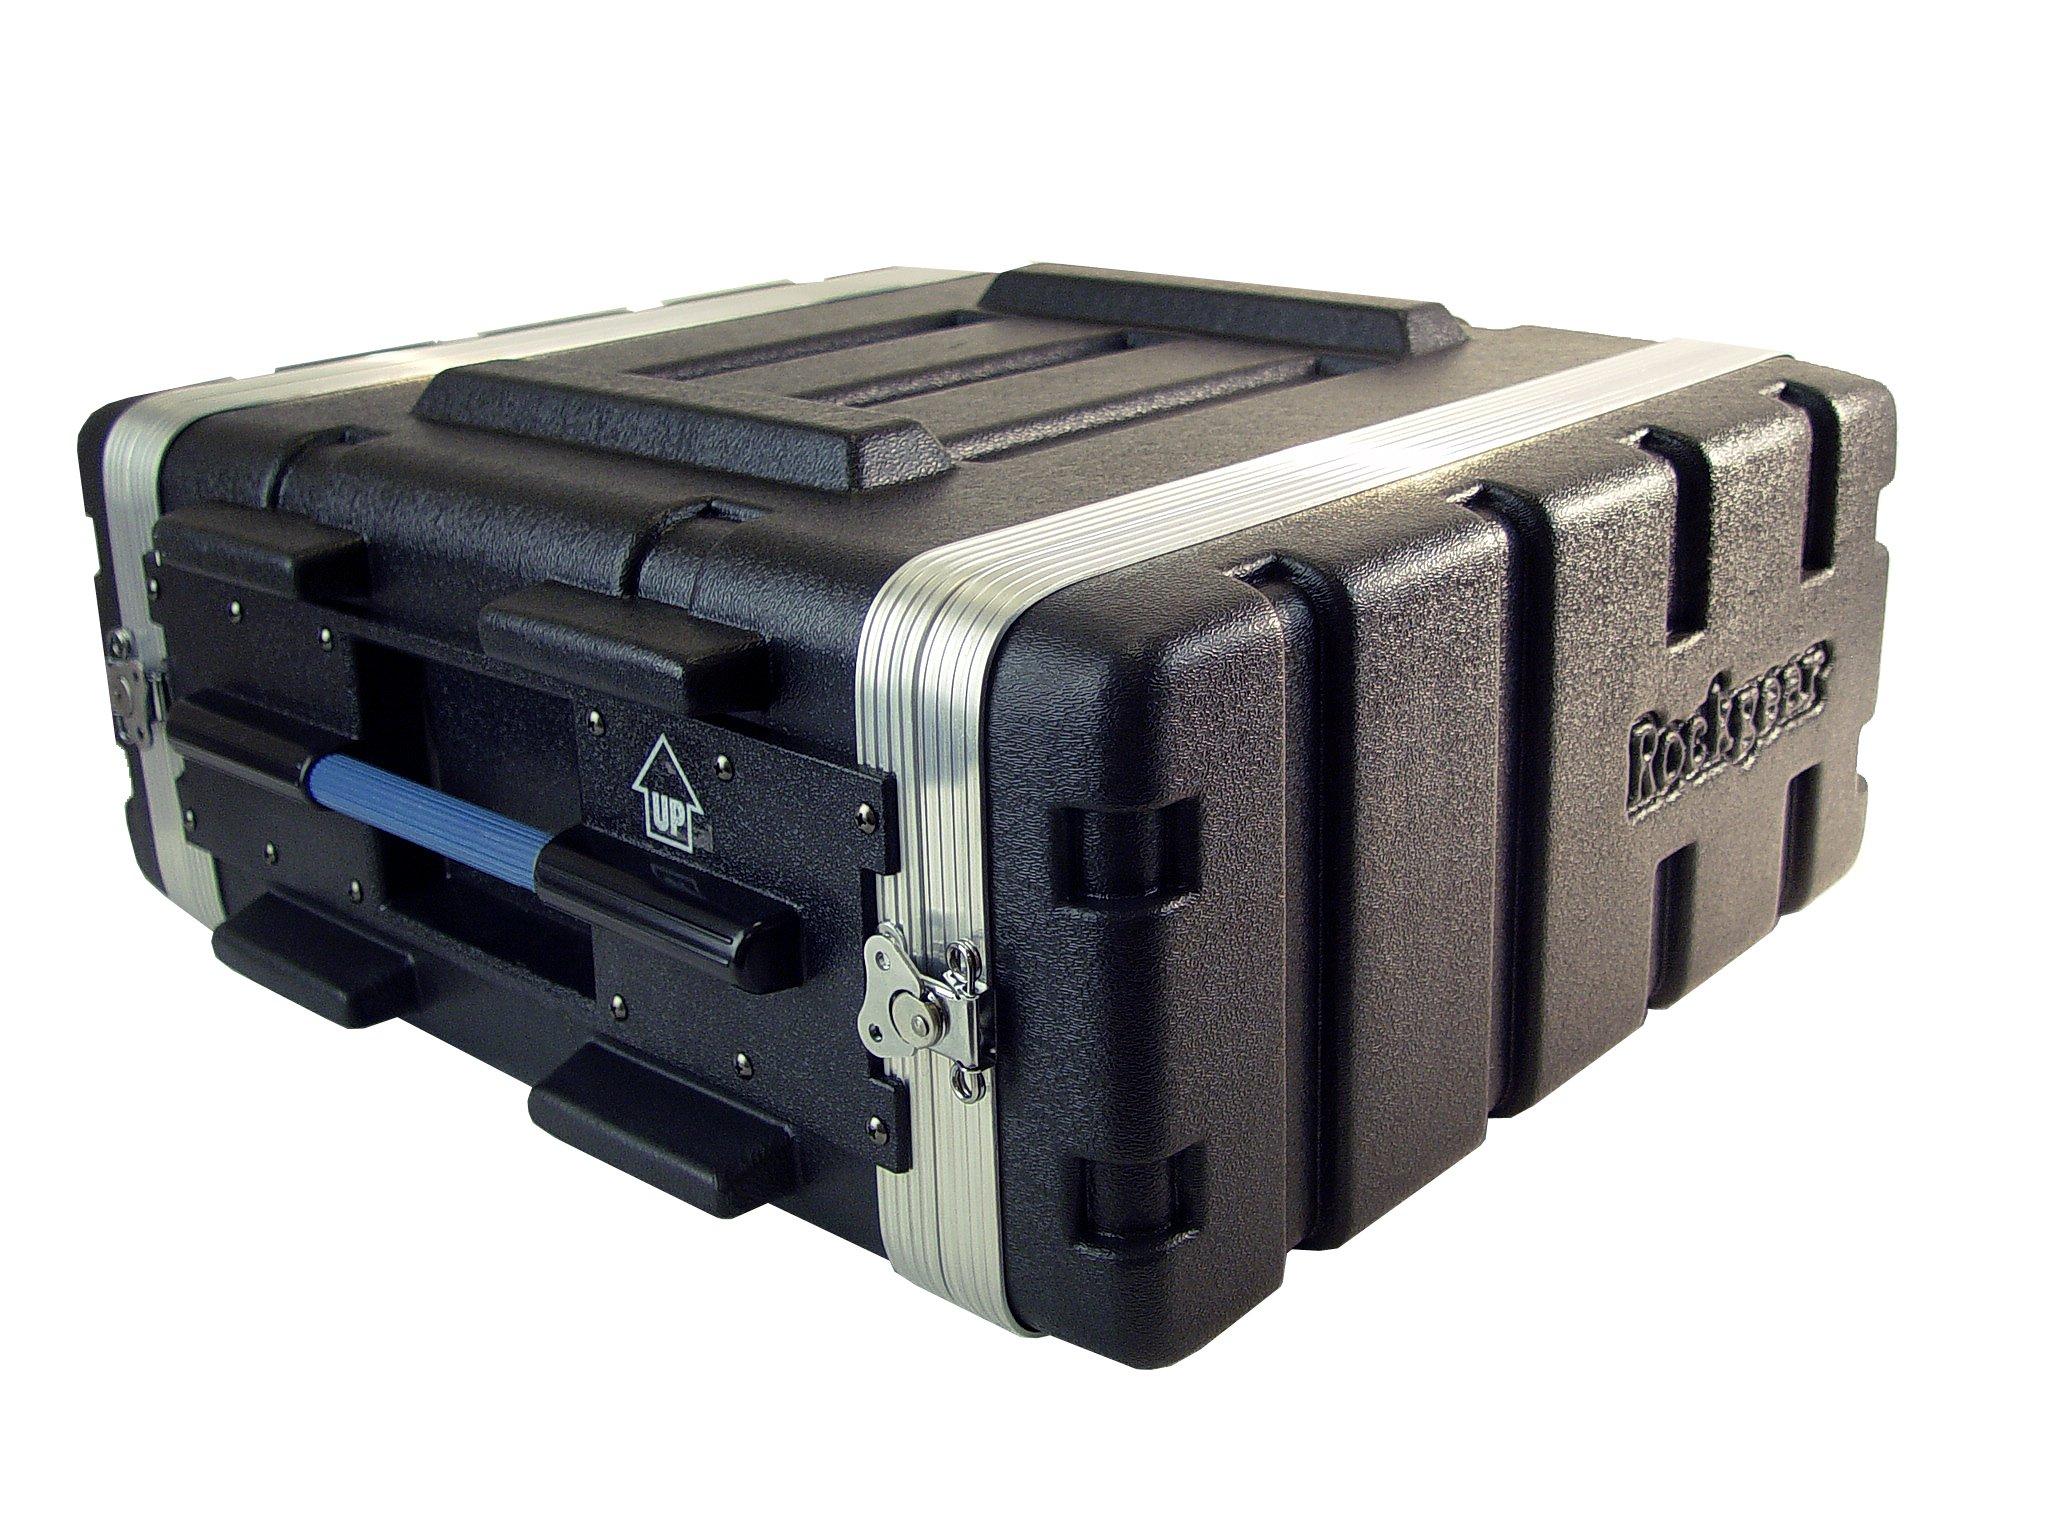 ProRockGear RGRC4U ABS Rack Case